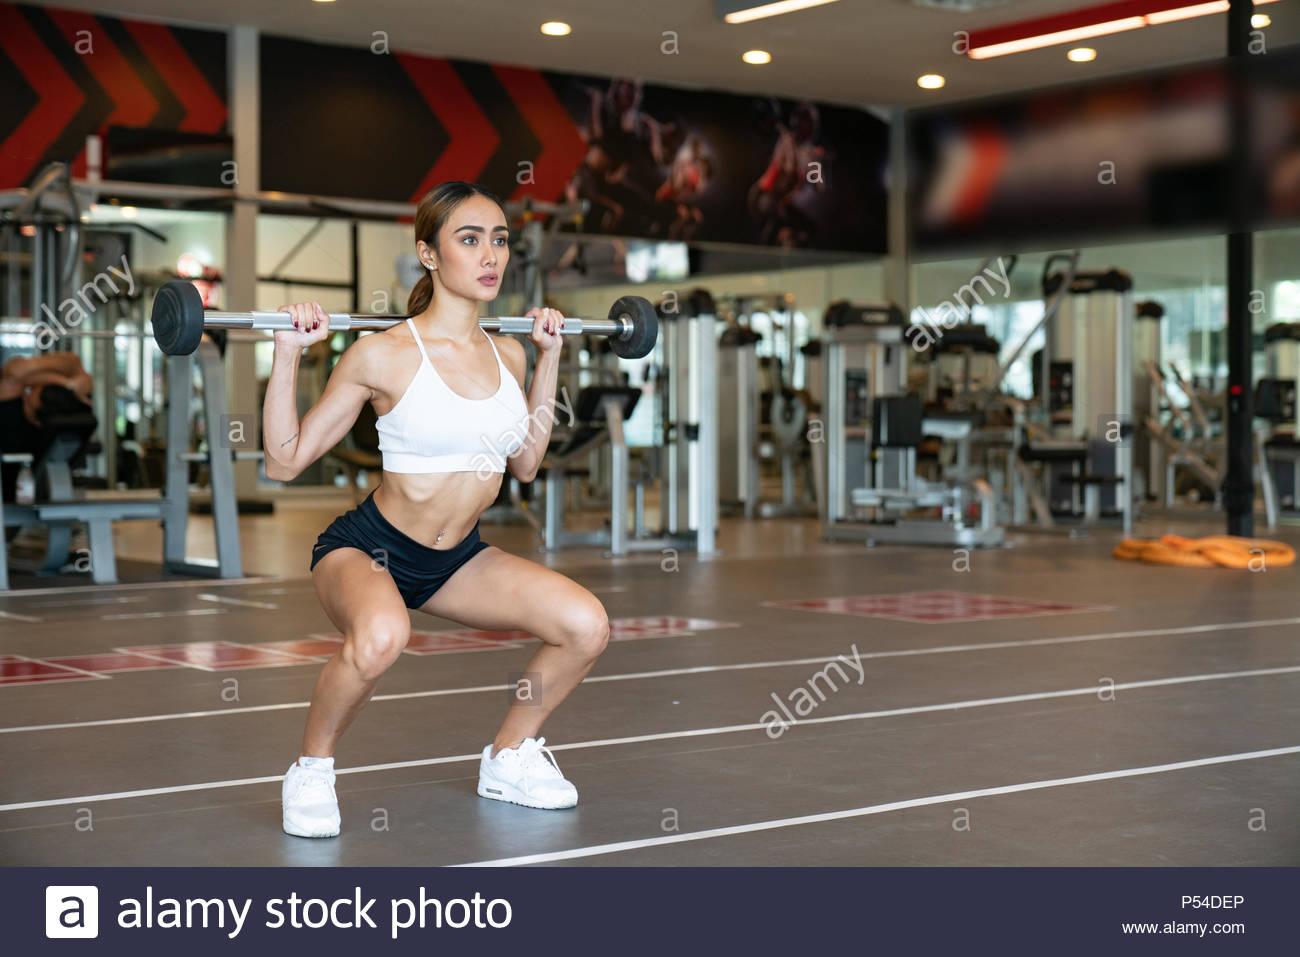 Cerca de joven mujer ejecutada en ejercicio de fitness con máquinas de ejercicio en el gimnasio de traspaso de cable. Imagen De Stock